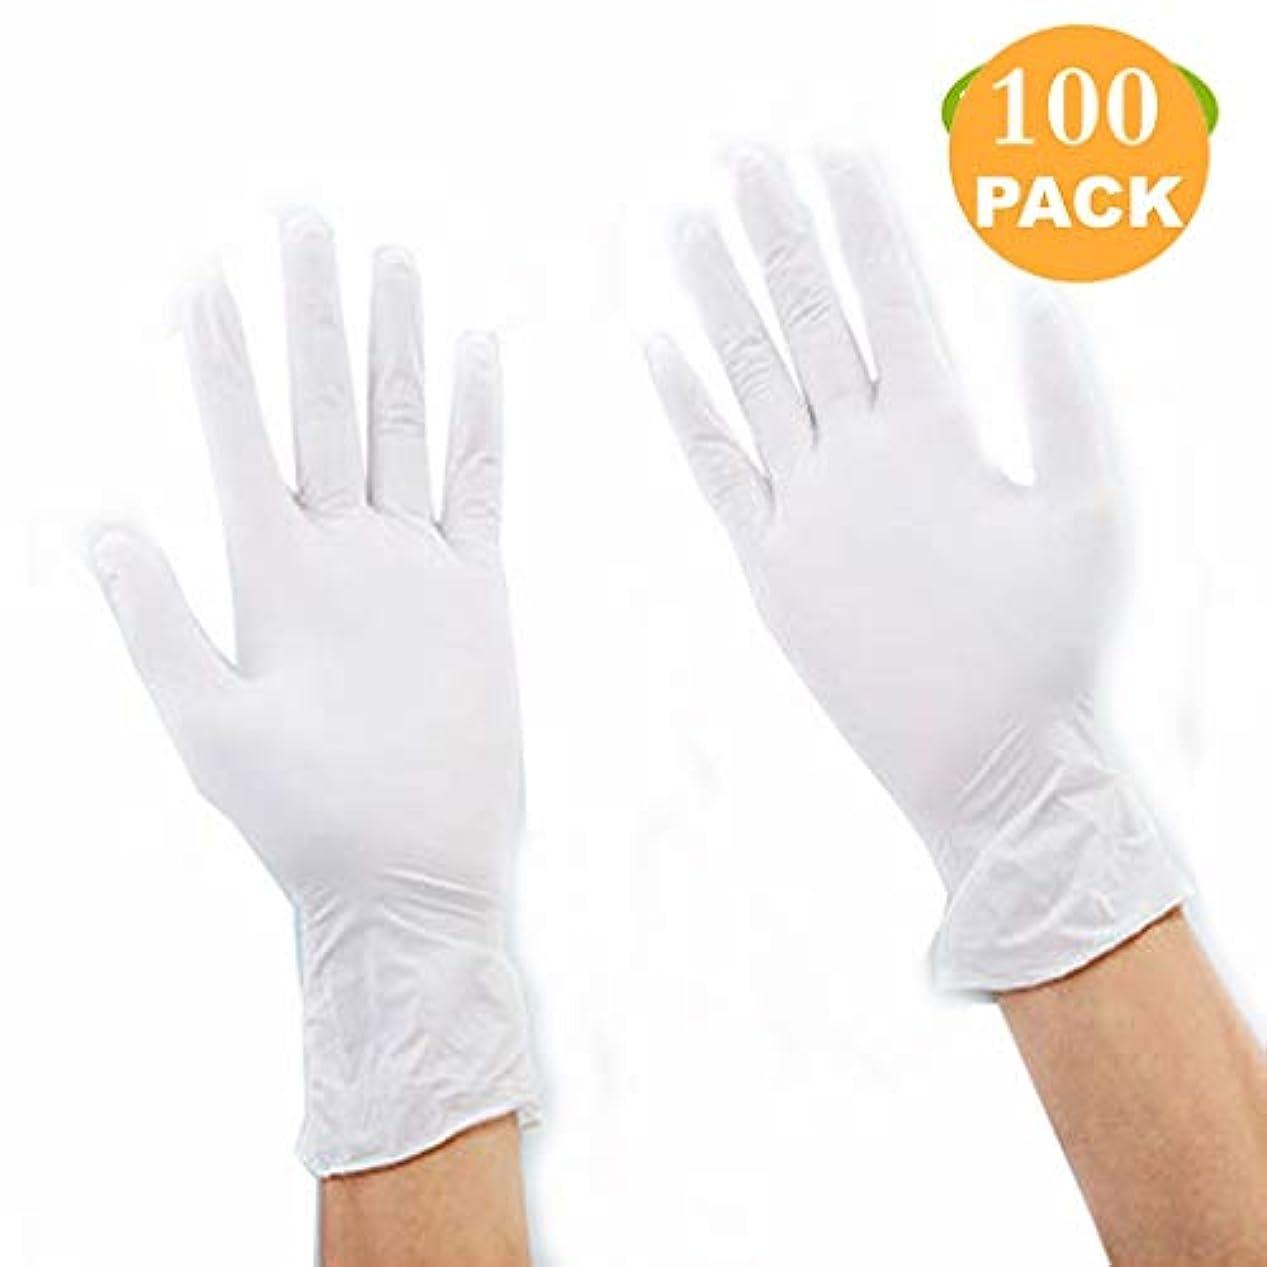 十代コショウニトリル使い捨て12インチの厚さのゴム手袋白手袋、食品加工、医療医療医療-100パーボックス (Size : L)